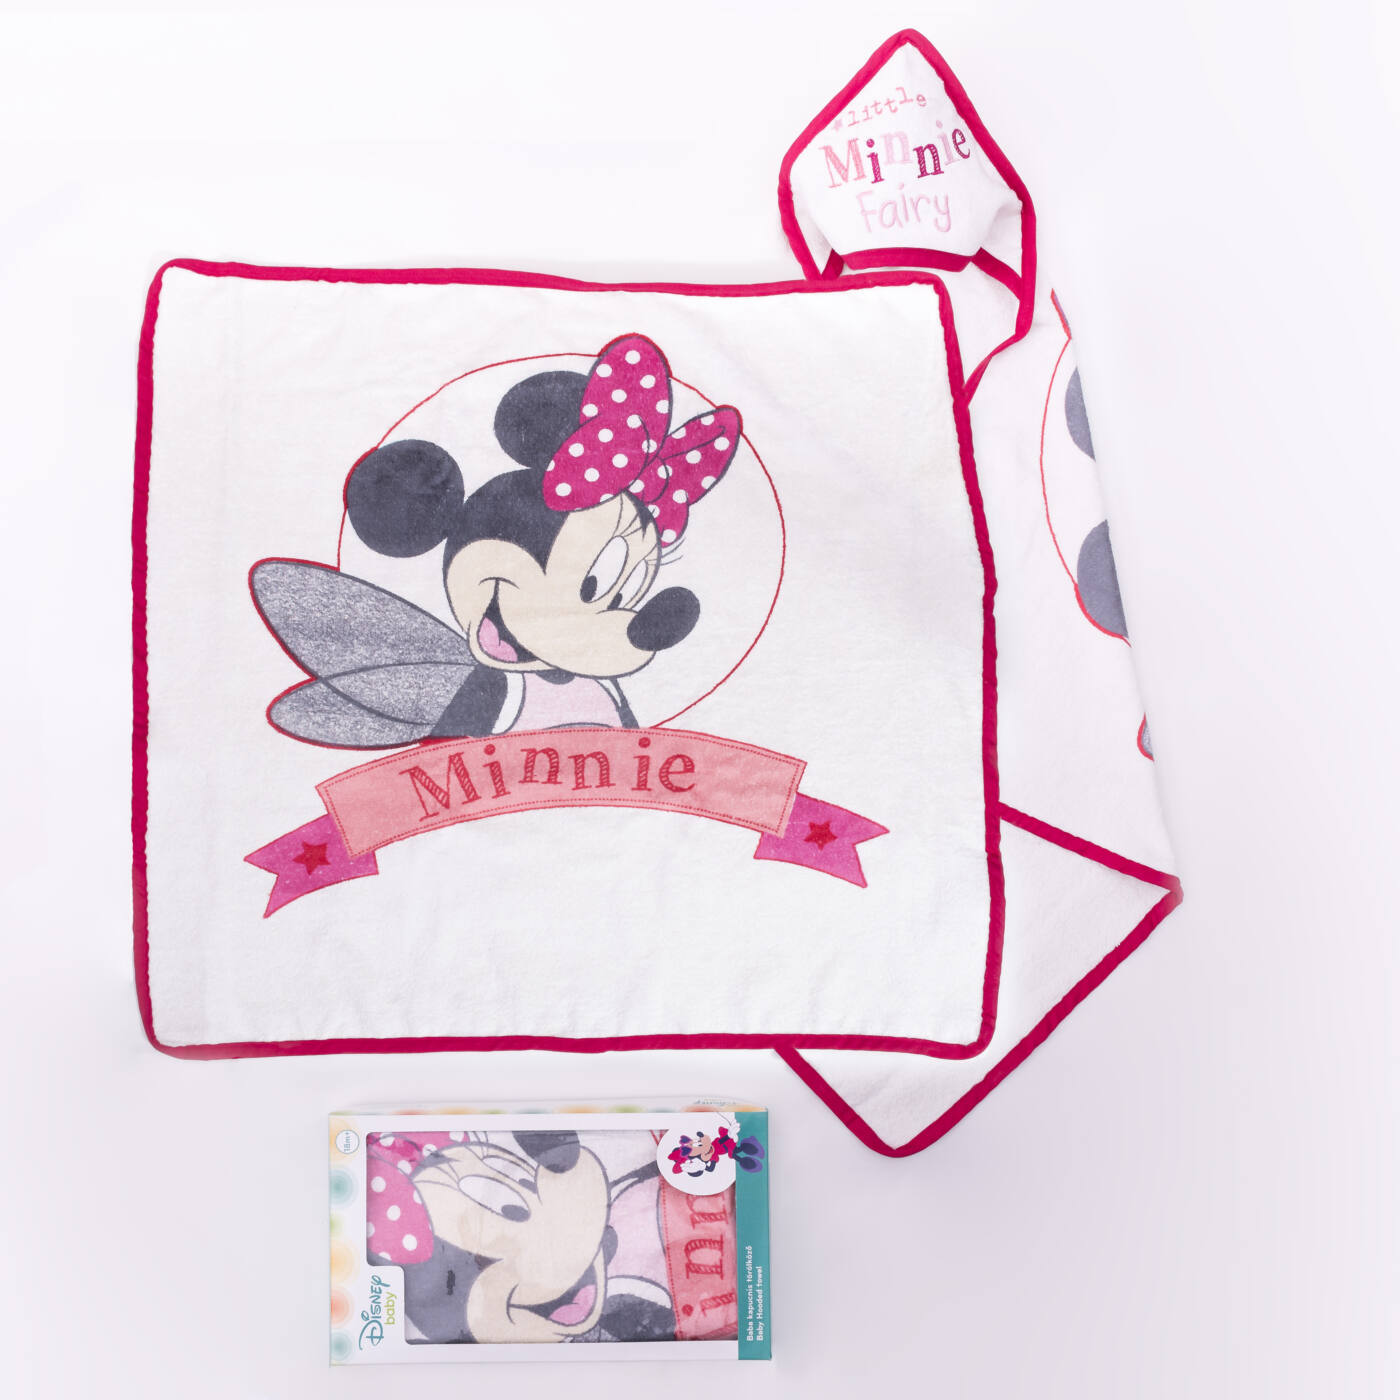 Minnie egér baba kapucnis törölköző - pamut babatörölköző – fehér-rózsaszín